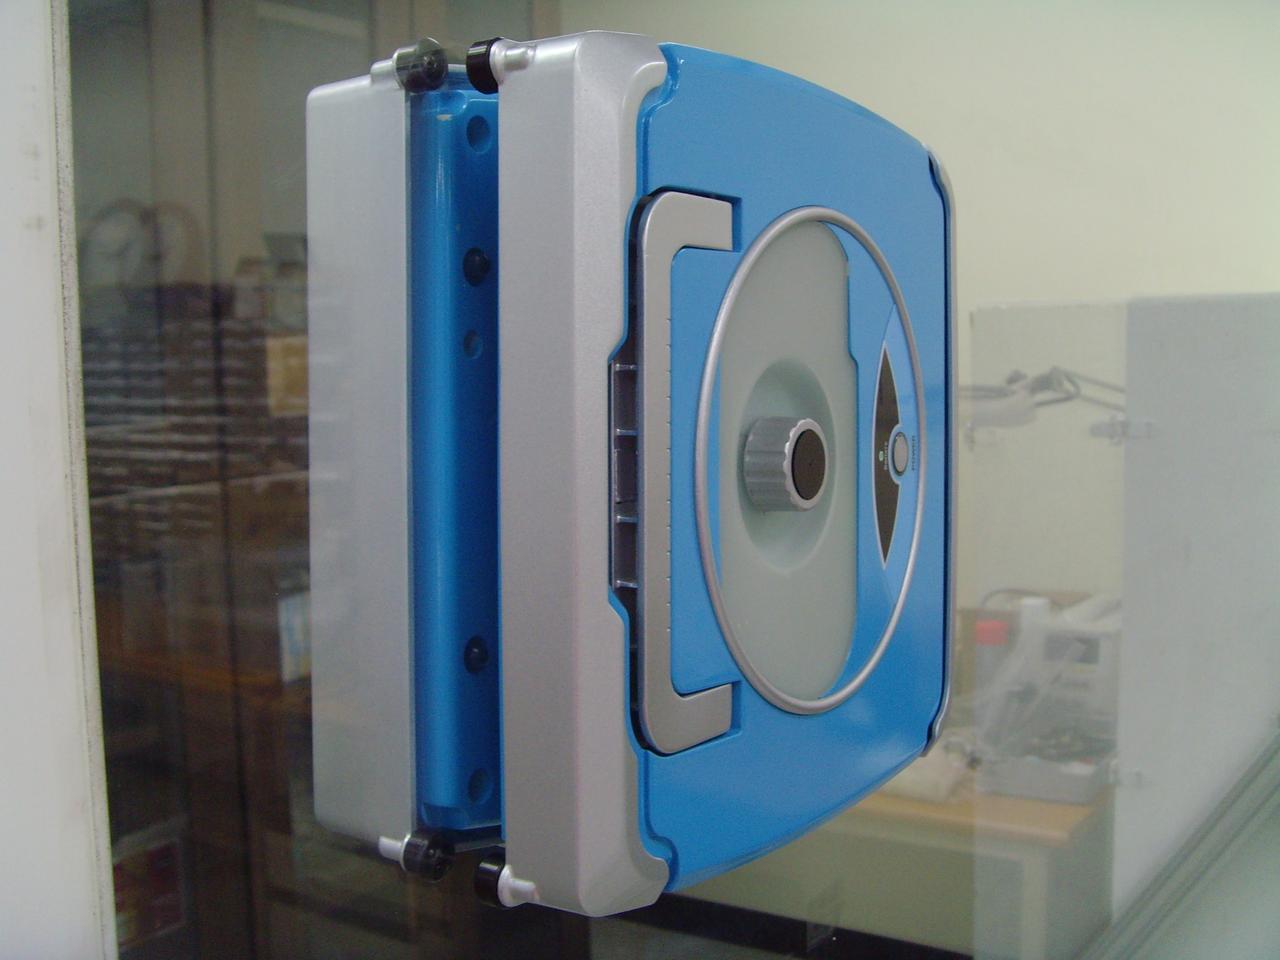 Windoro stays vertical using neodymium magnets